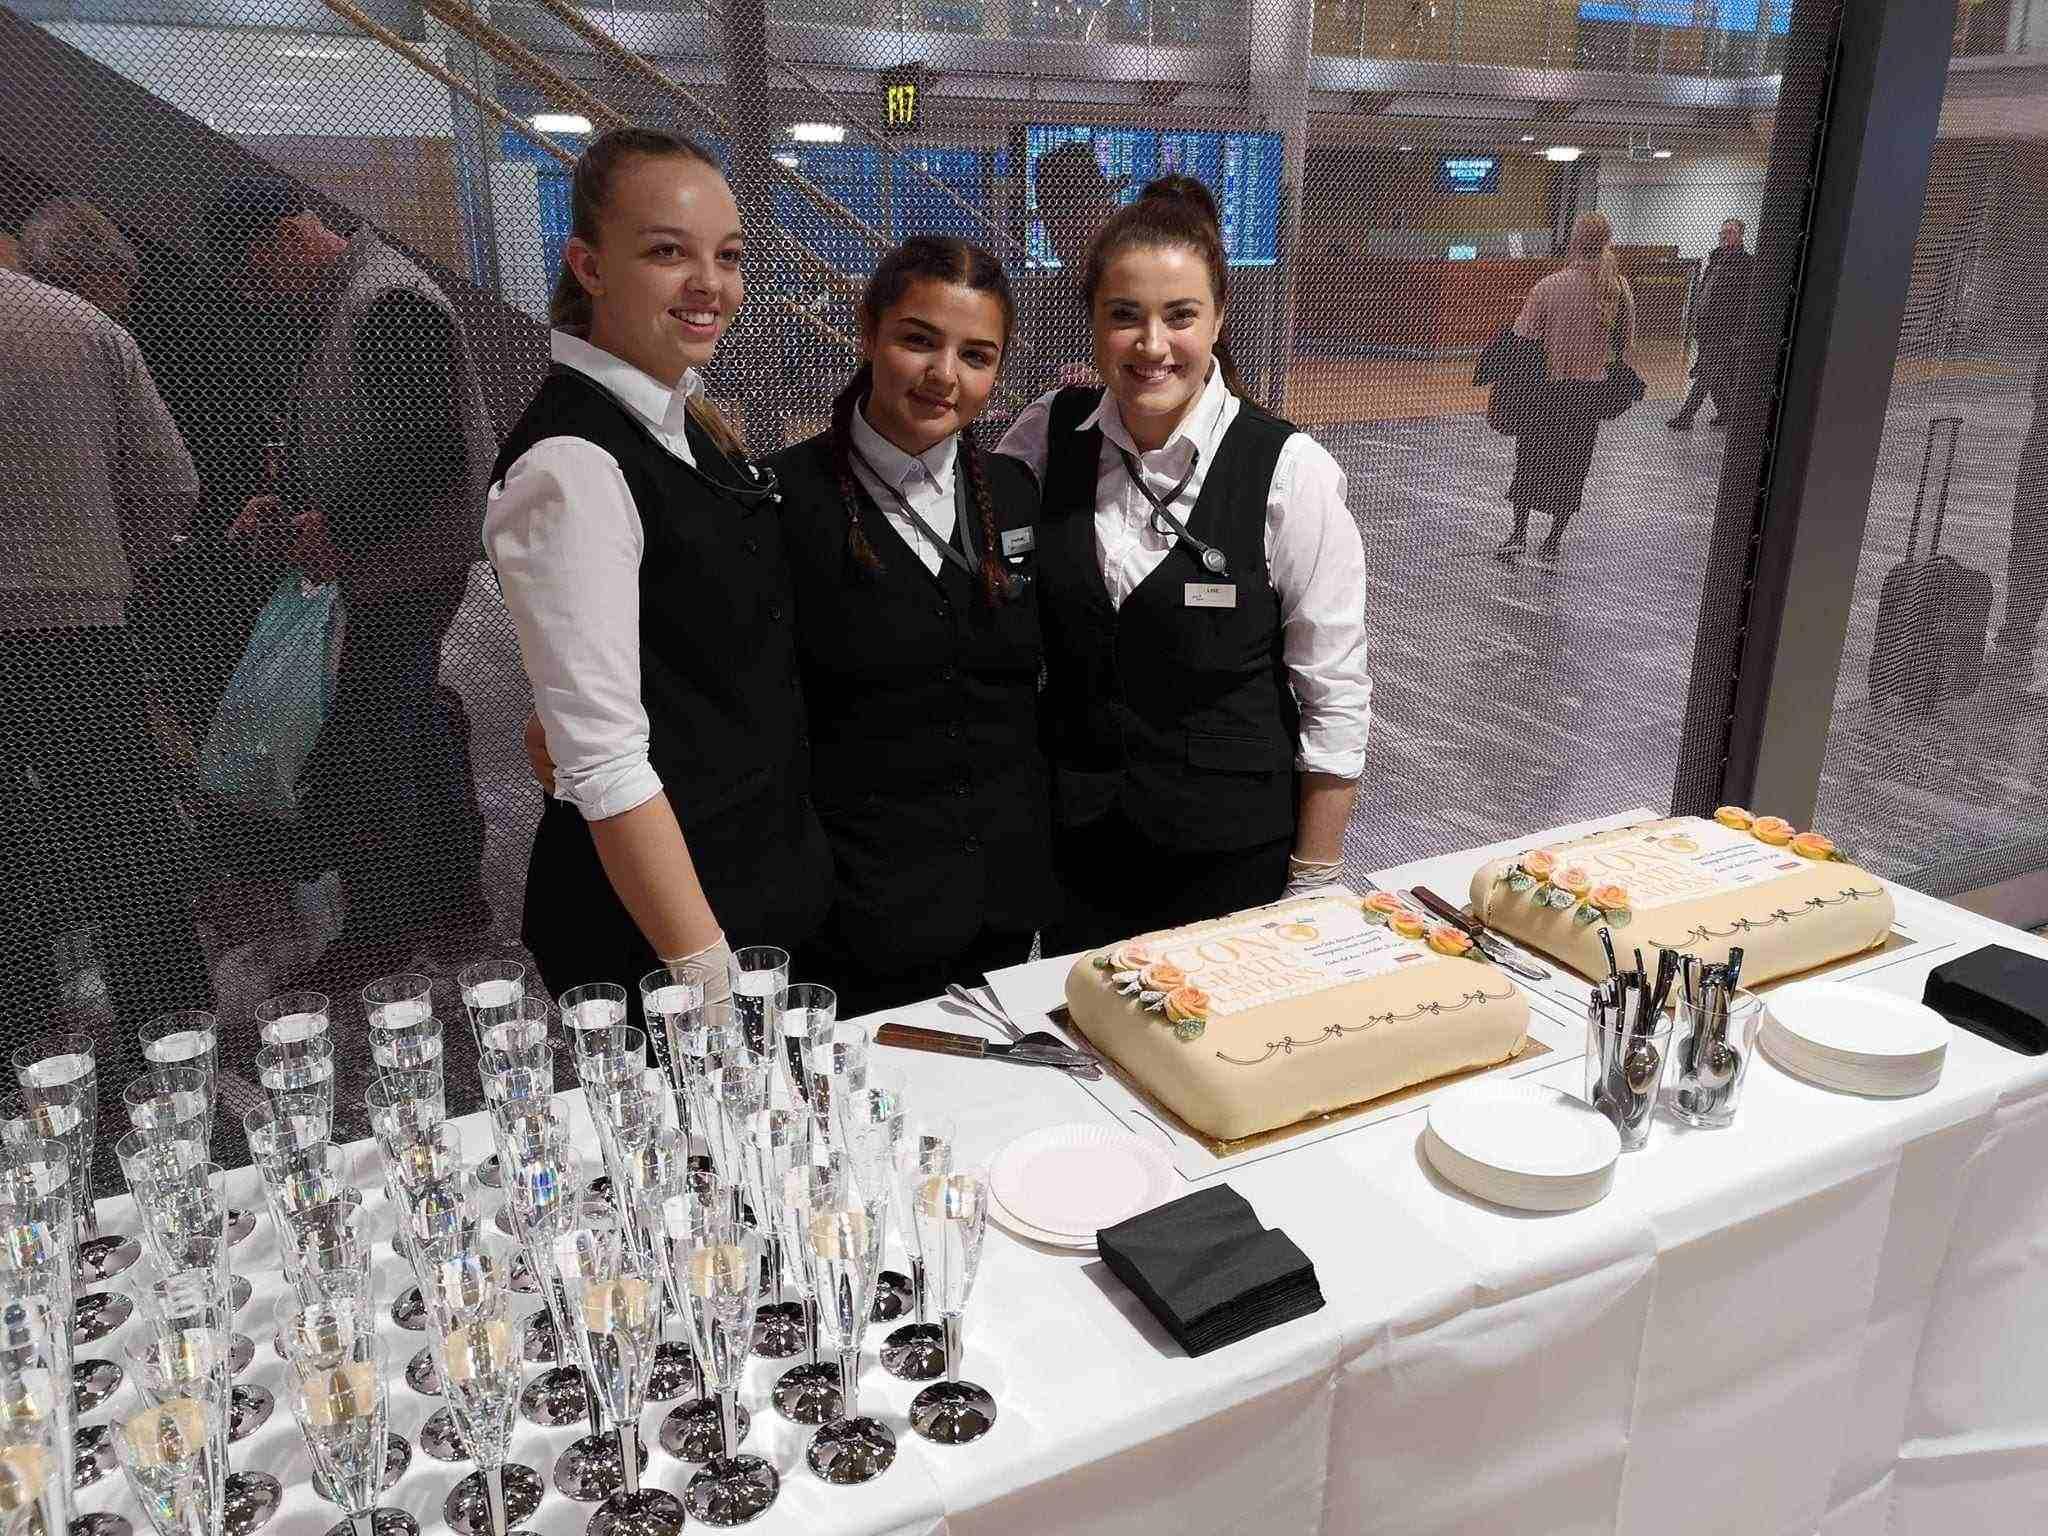 Kake og drikke blir servert av disse unge damene fra Norwegian.